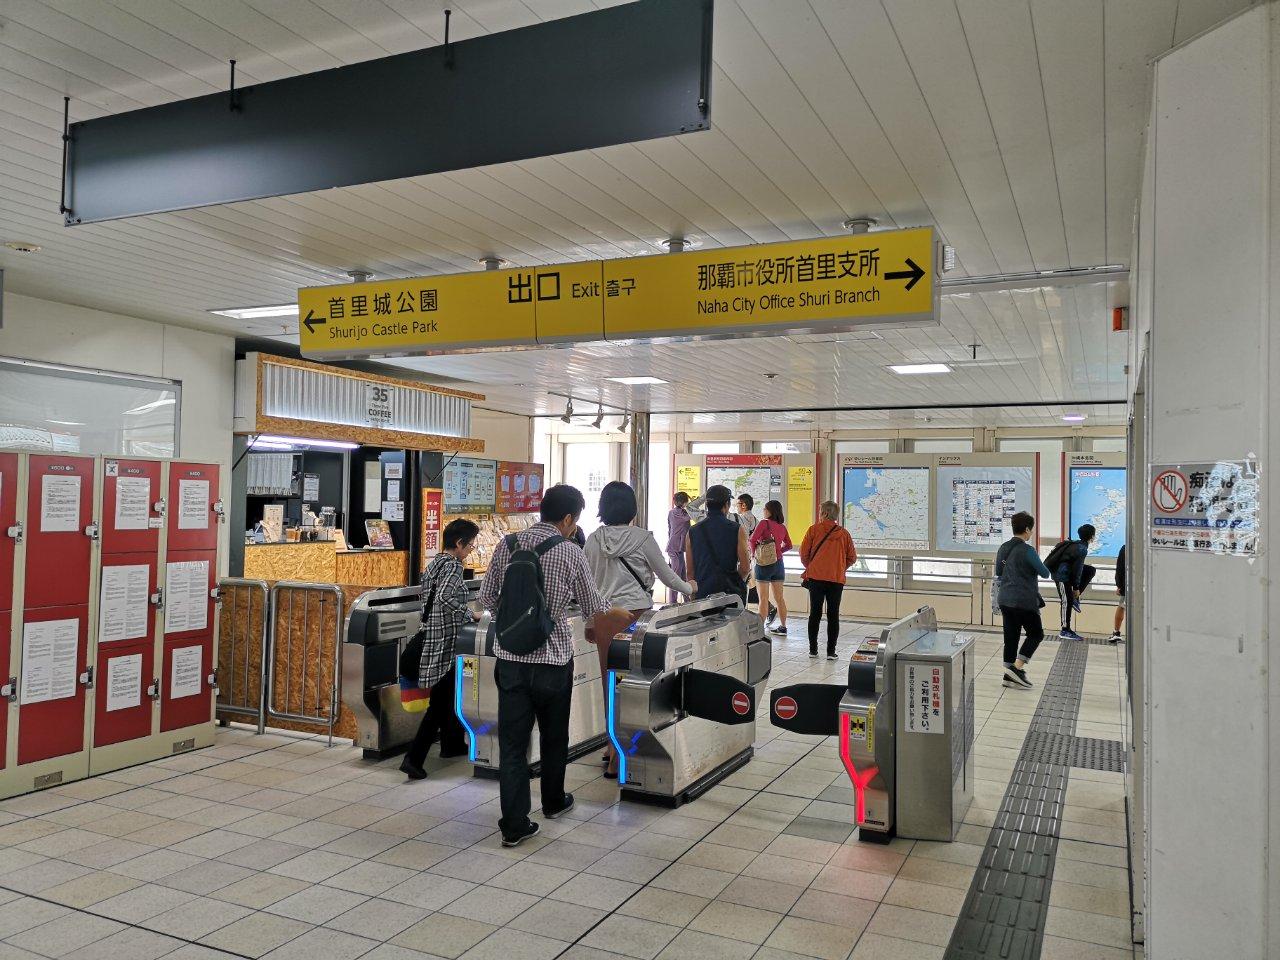 ゆいレール首里城駅